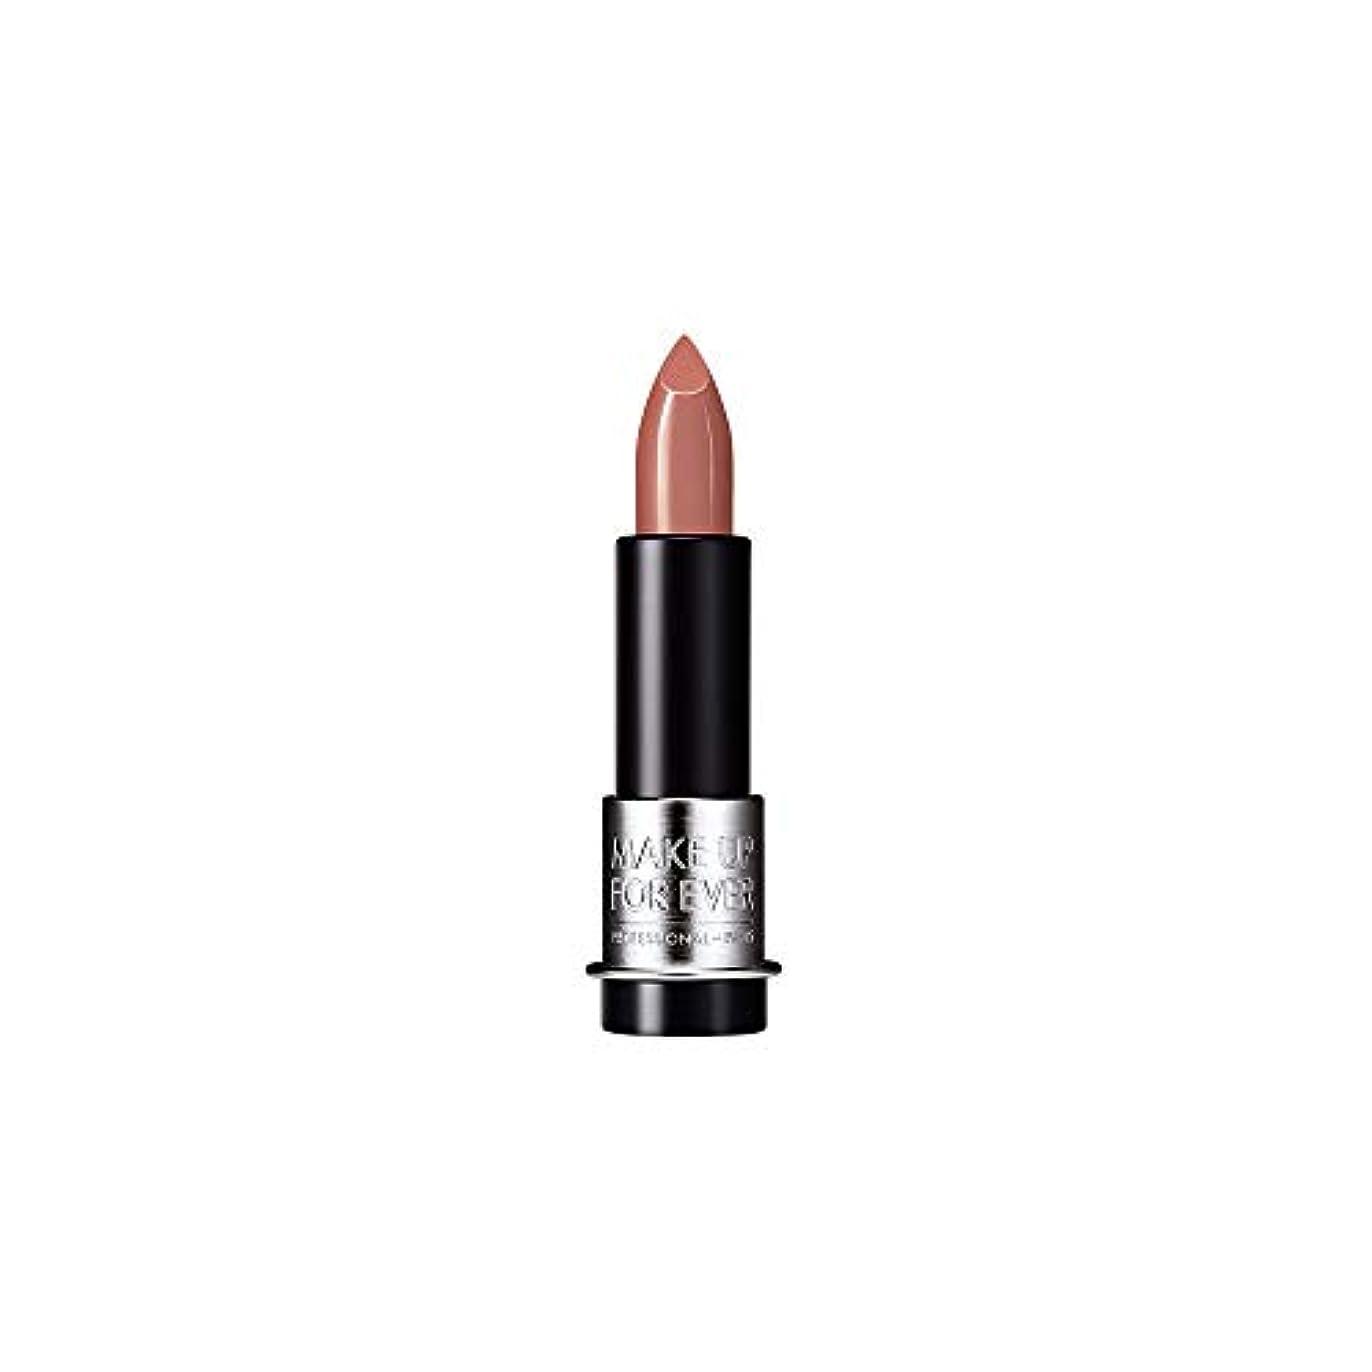 弱まる気を散らすグローバル[MAKE UP FOR EVER] モカベージュ - これまでアーティストルージュクリーム口紅3.5グラムのC107を補います - MAKE UP FOR EVER Artist Rouge Creme Lipstick...